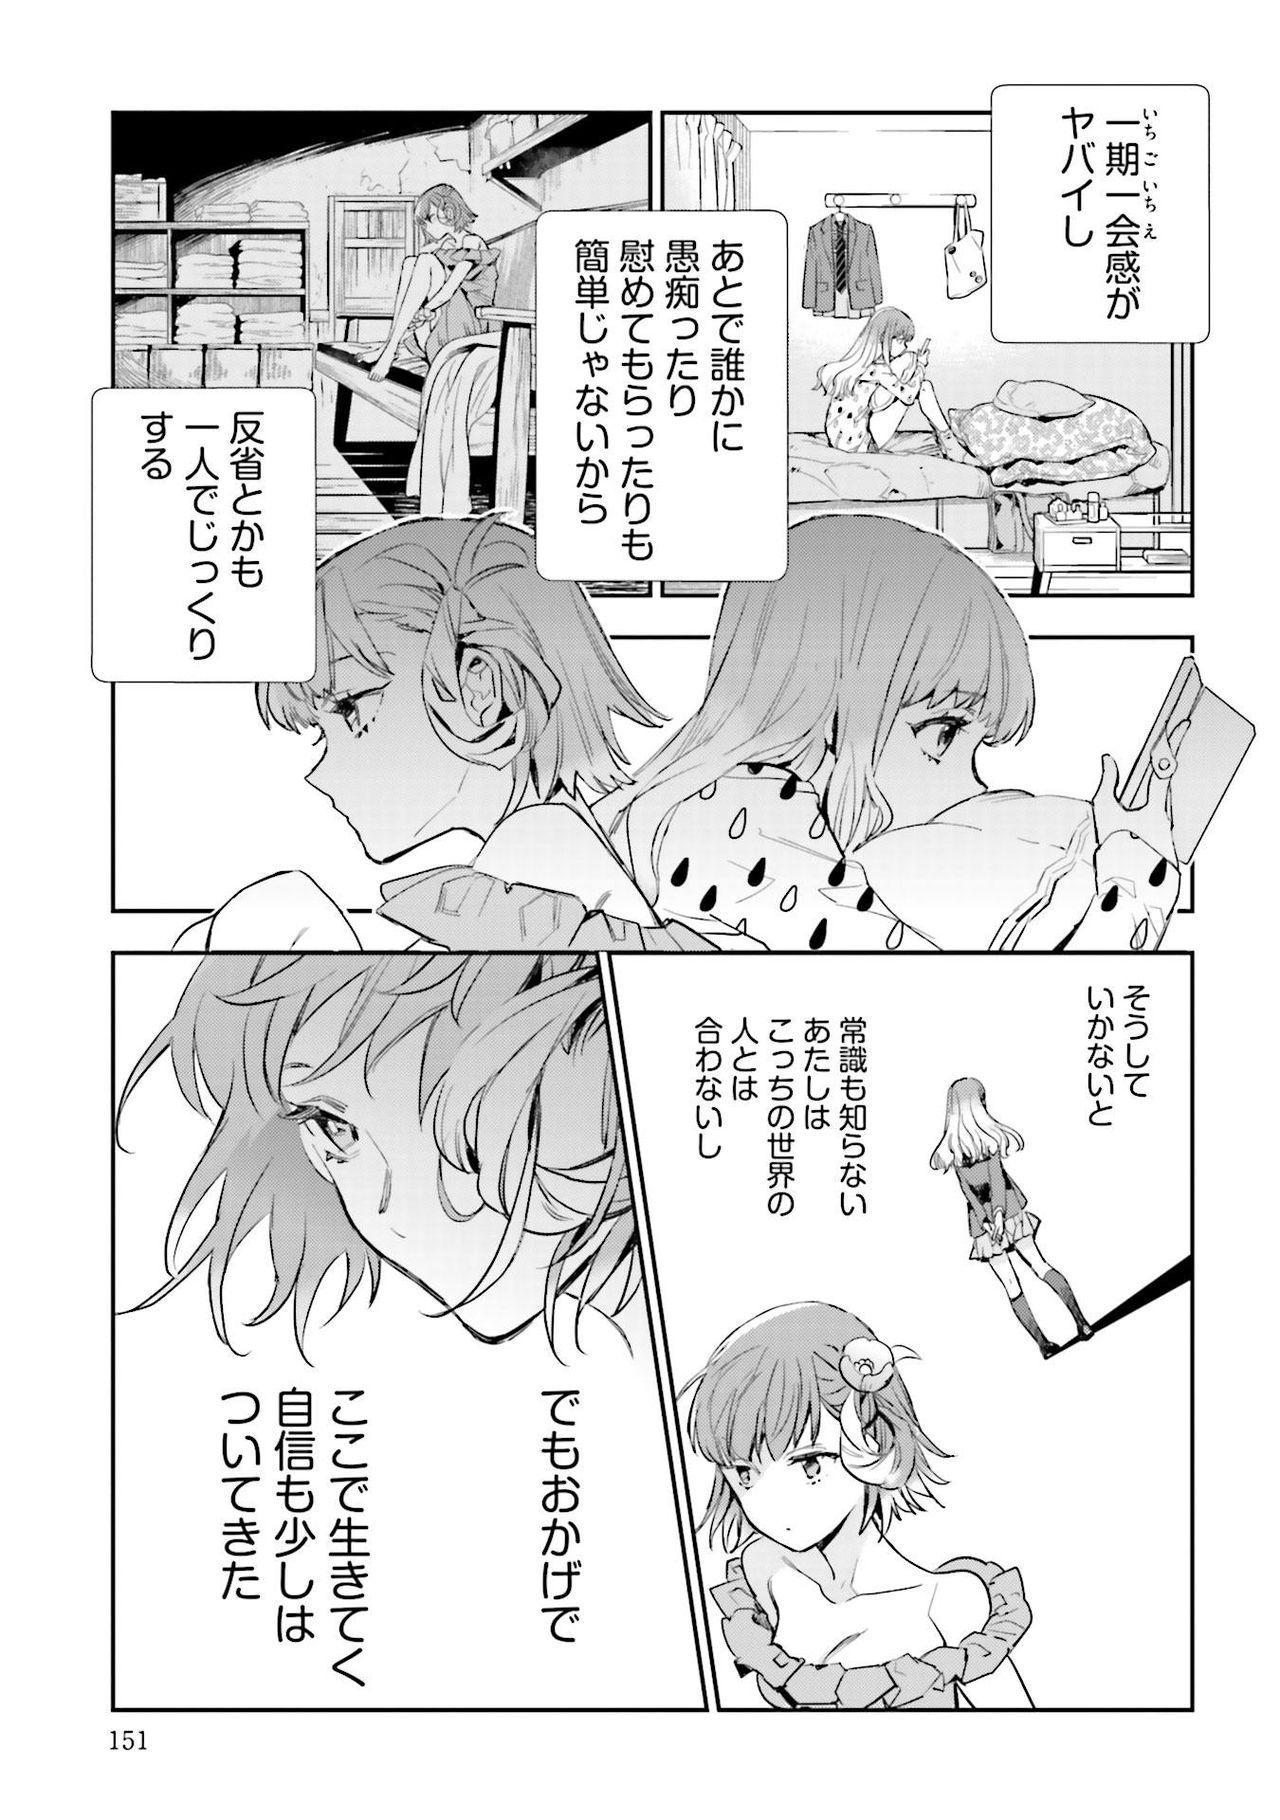 JK Haru wa Isekai de Shoufu ni Natta 1-14 510